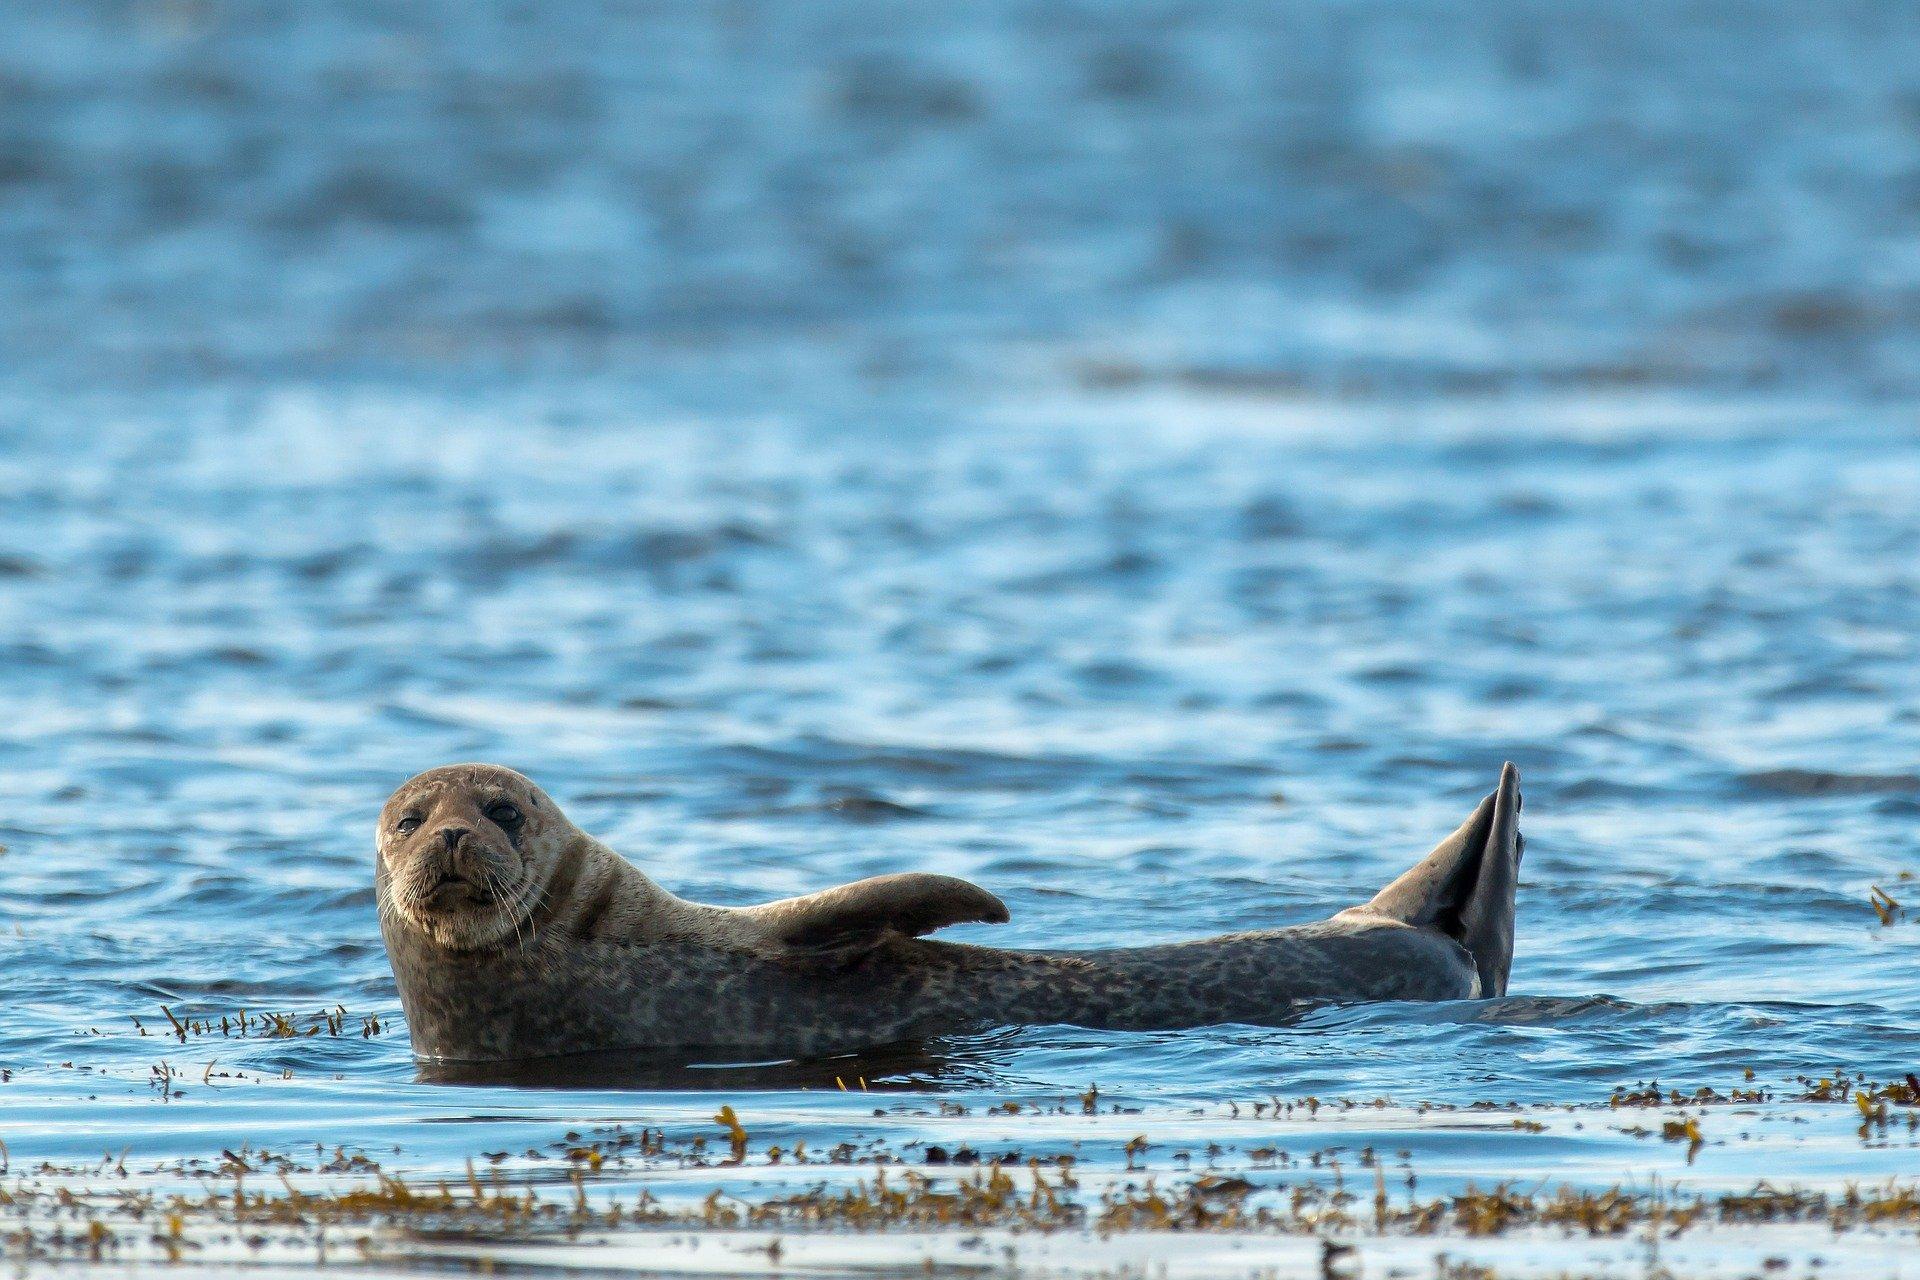 Sea animals - seals